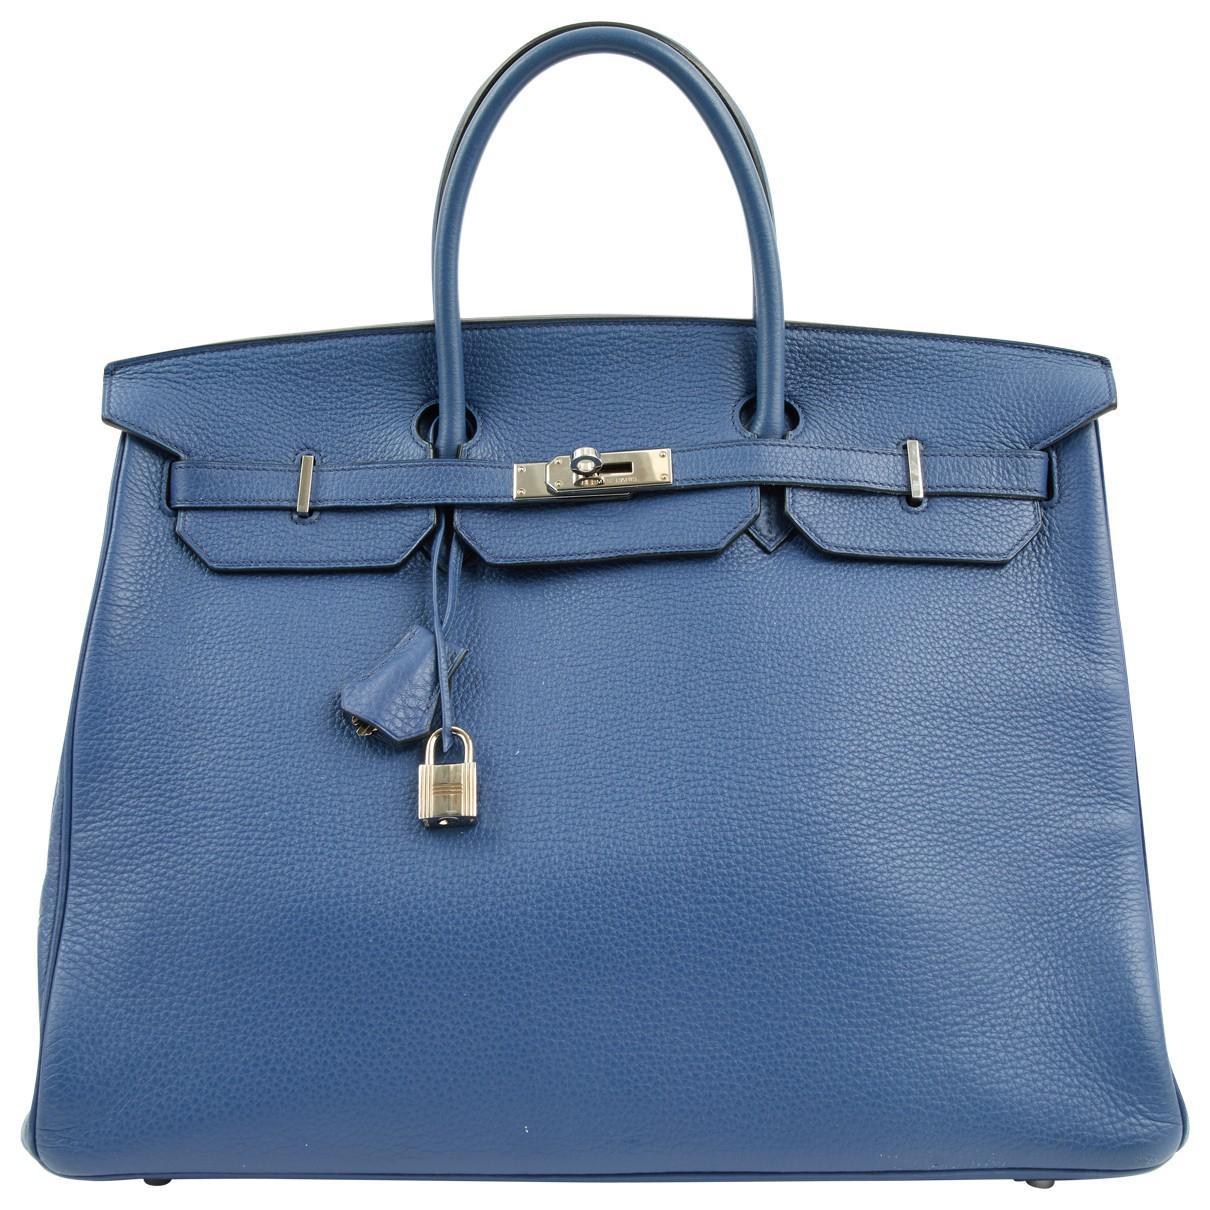 Hermès Pre-owned - Birkin leather bag A60Kt8i